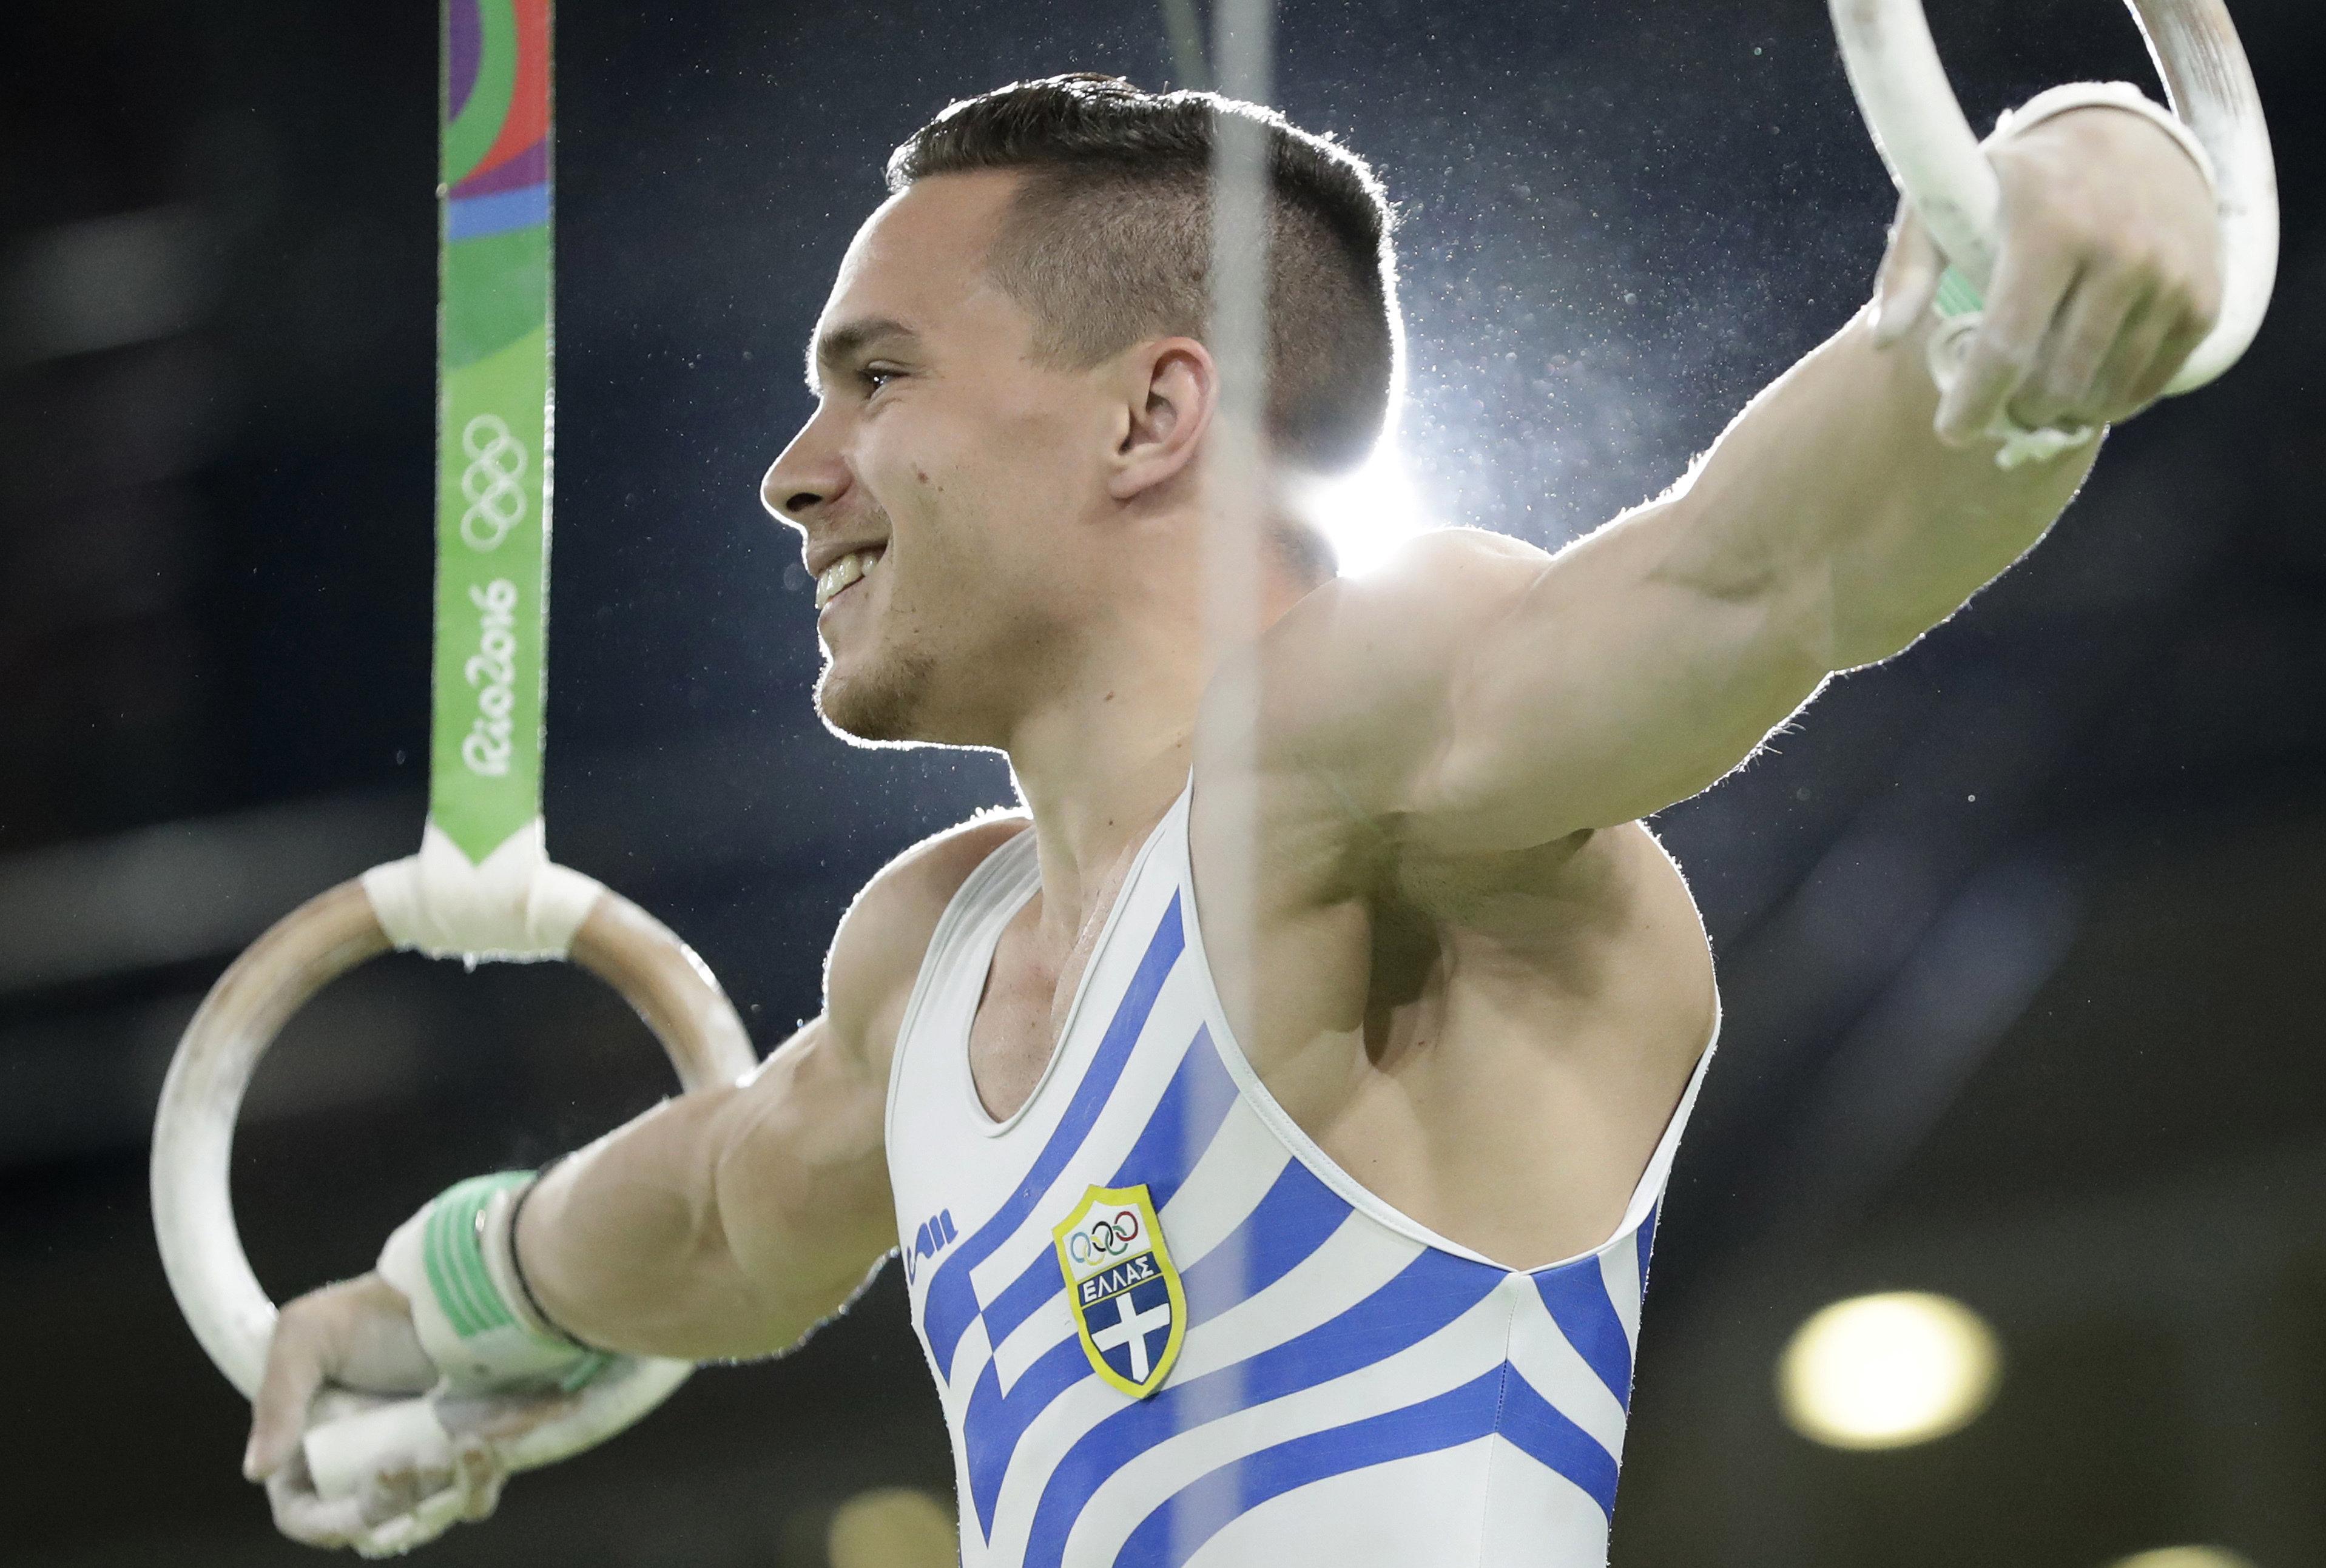 Παγκόσμιος πρωταθλητής ξανά ο Λευτέρης